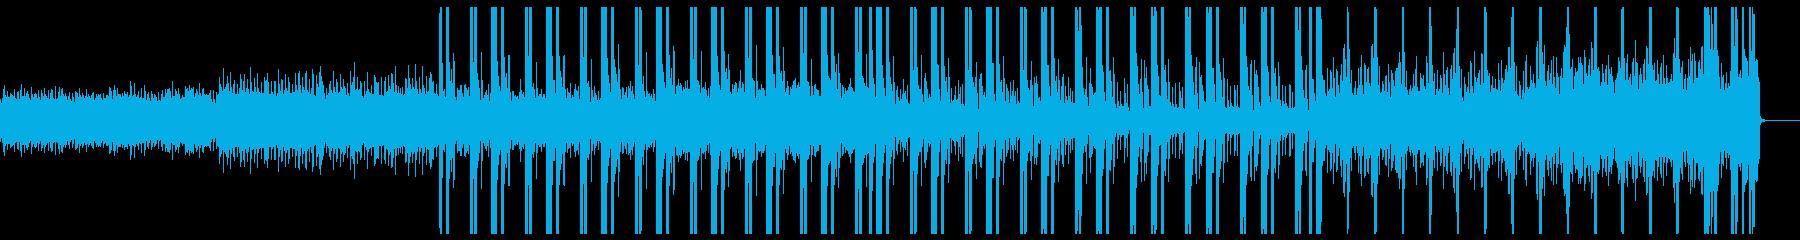 短め、ゆっくりのトラップミュージックの再生済みの波形